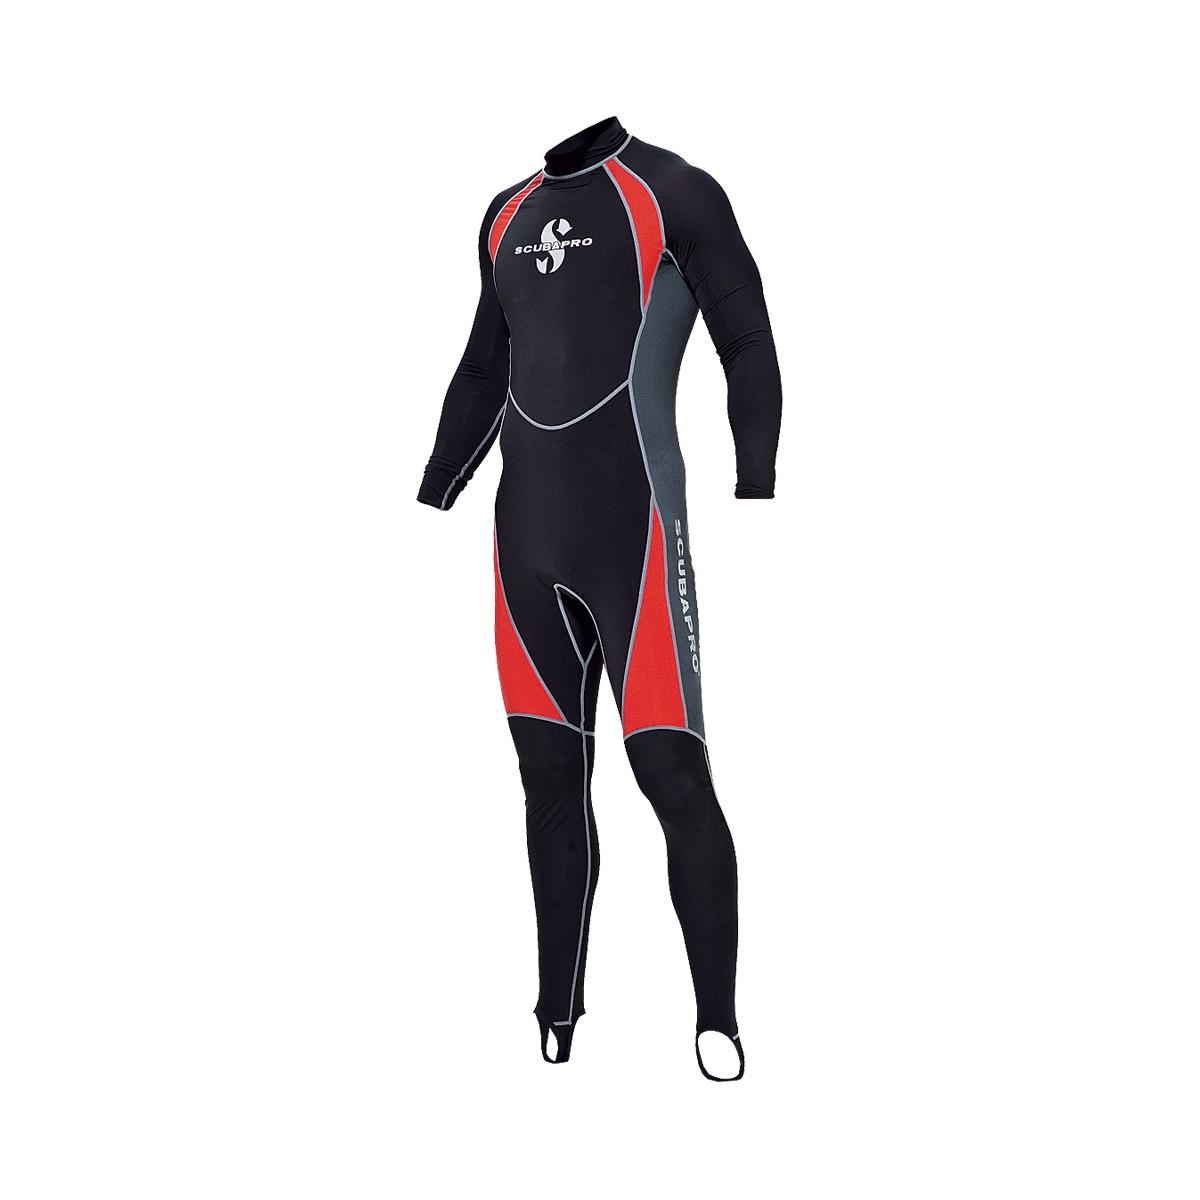 Scubapro Men's Everflex Skin Suit